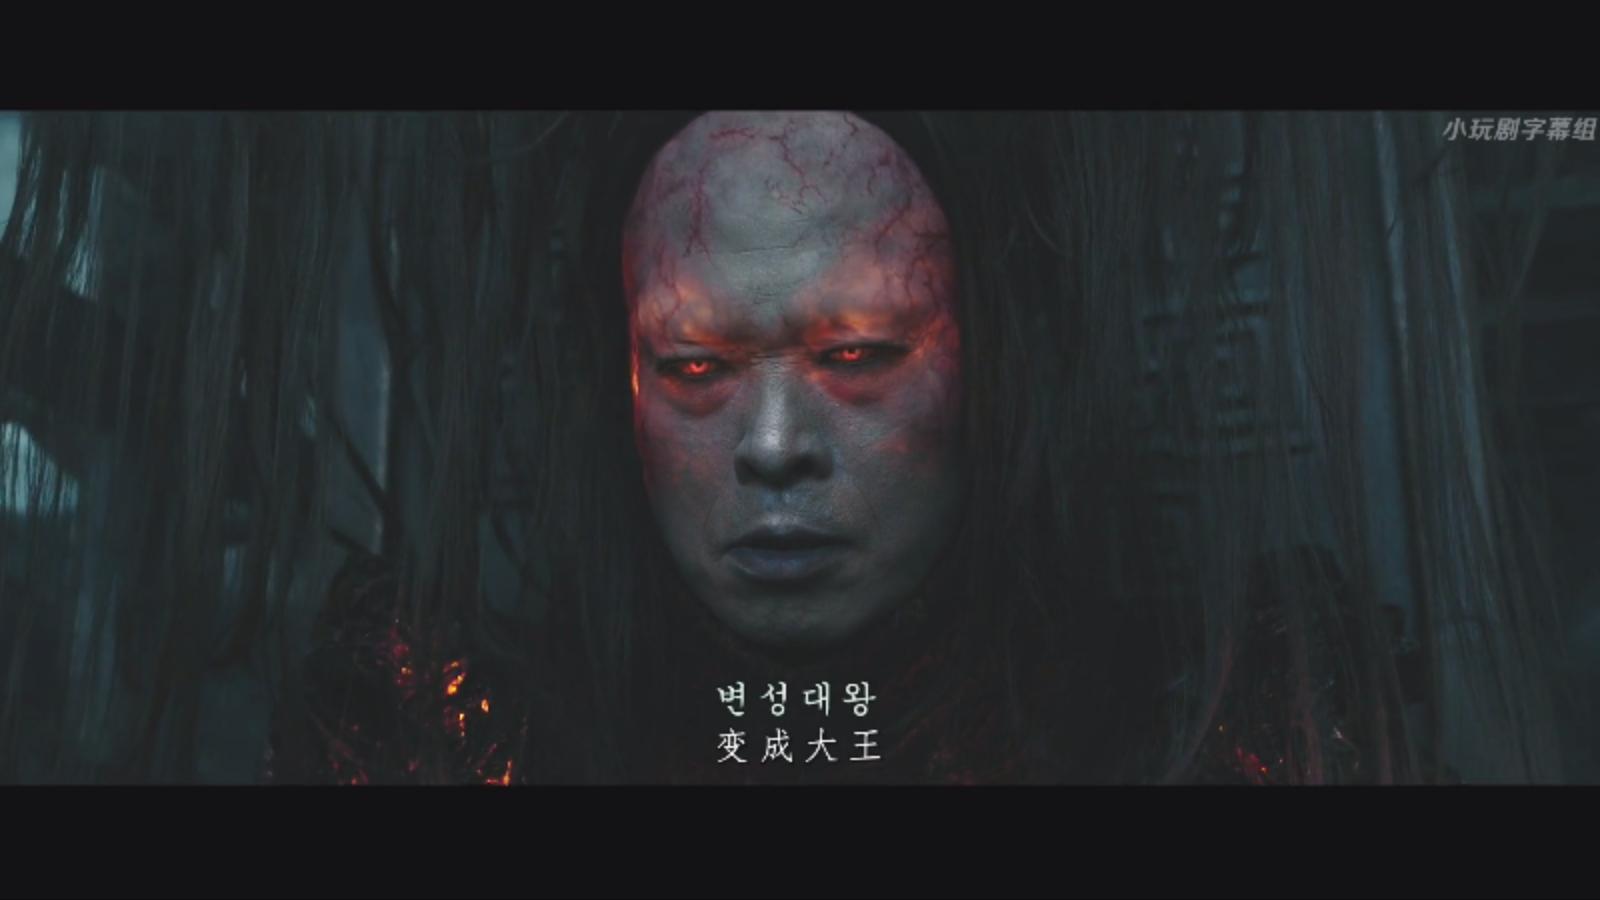 杀人地狱-变成大王.png